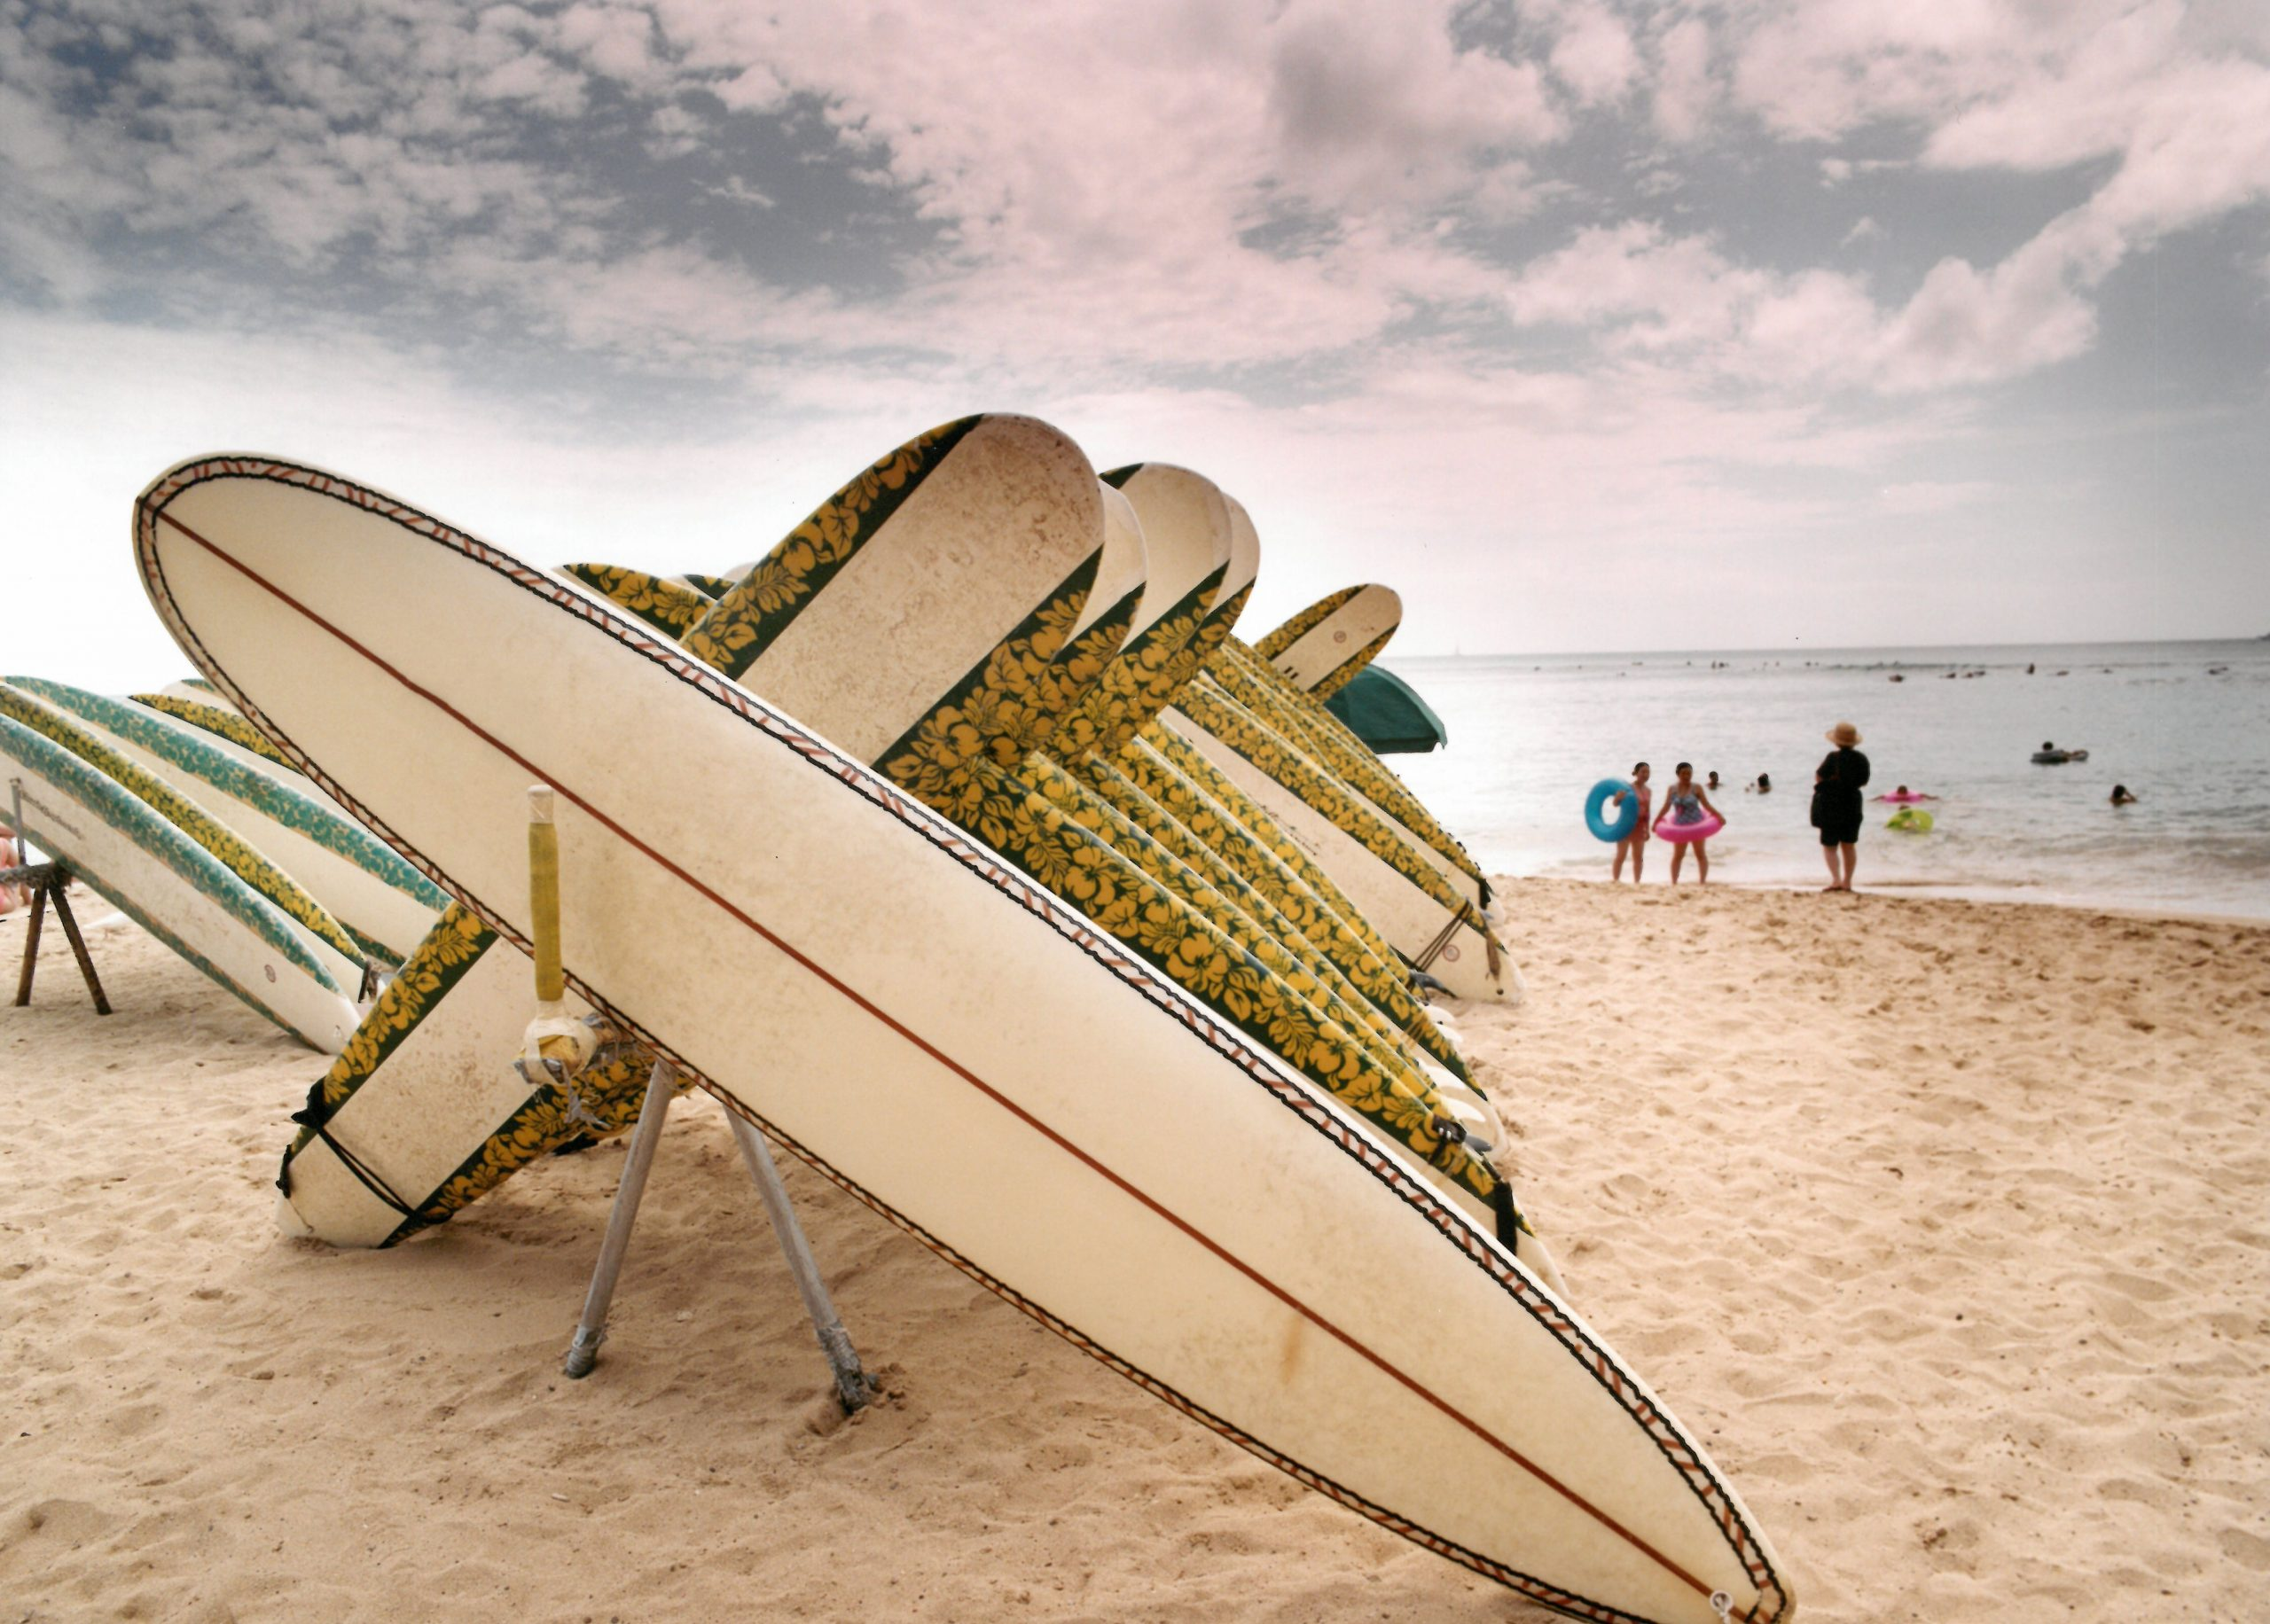 surfingbrädor på en strand i hawaii